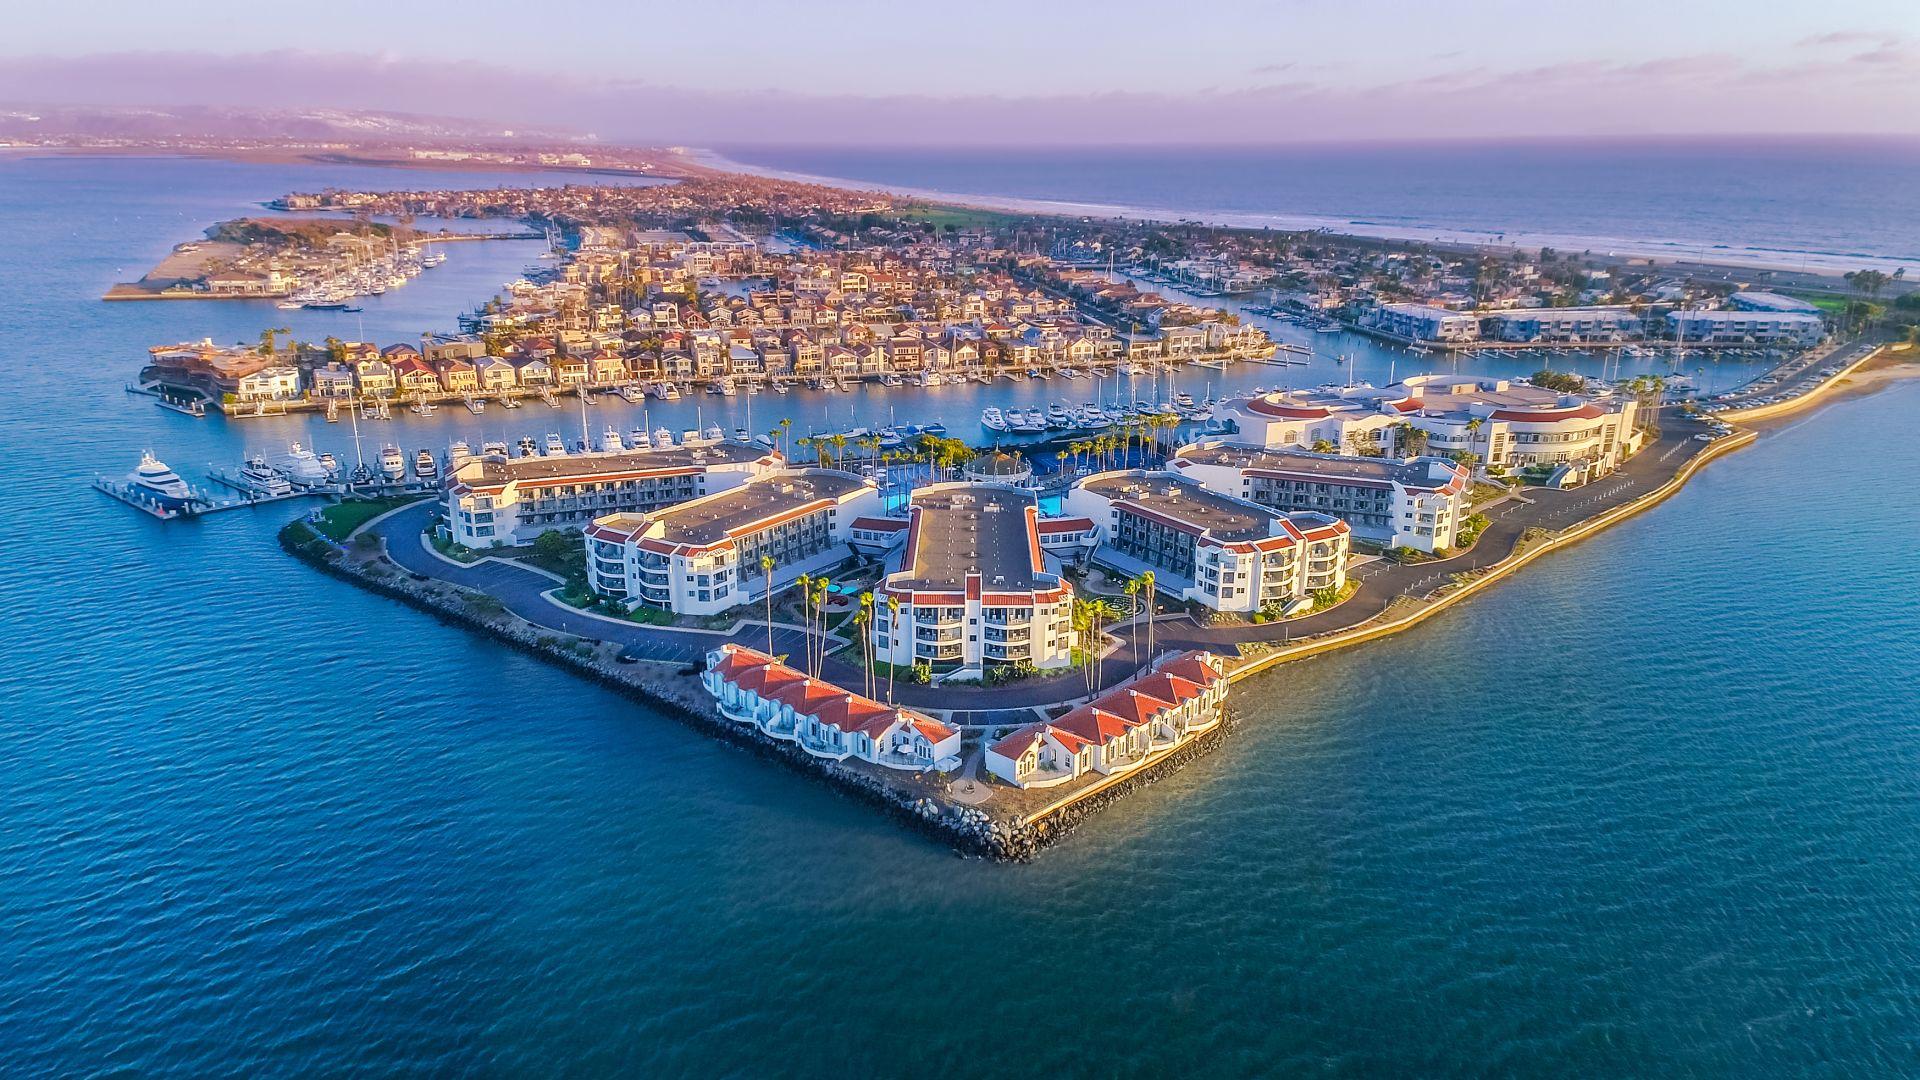 Vista aérea de Loews Coronado Bay Resort